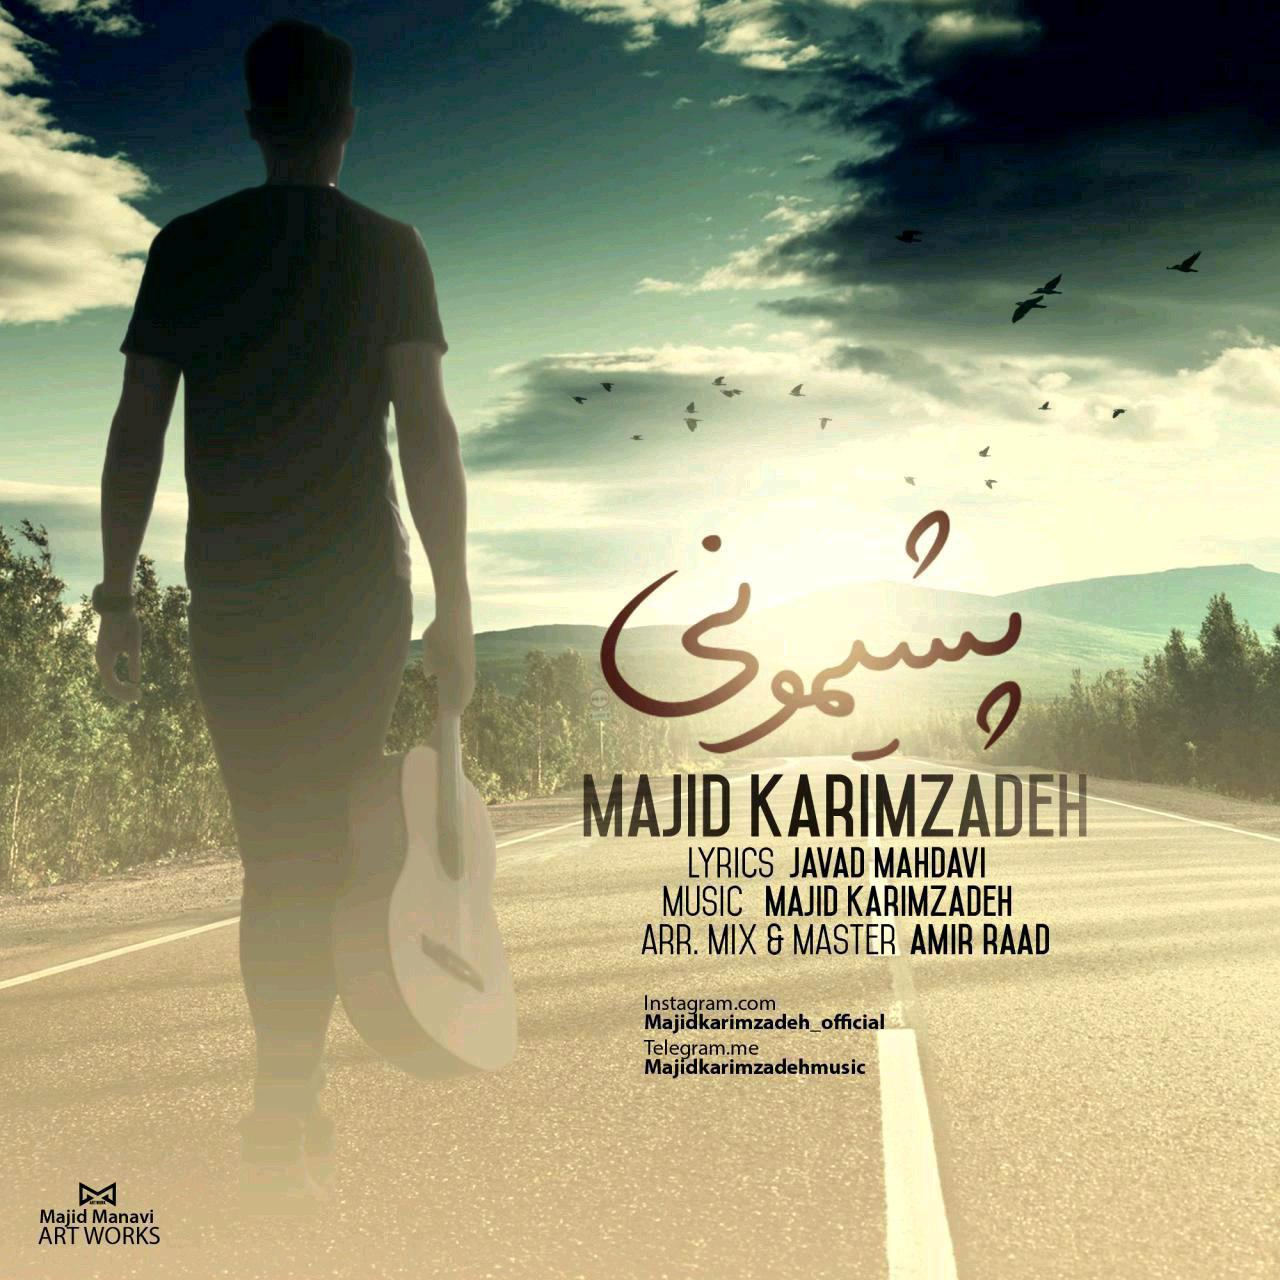 Majid karimzadeh – Pashimooni